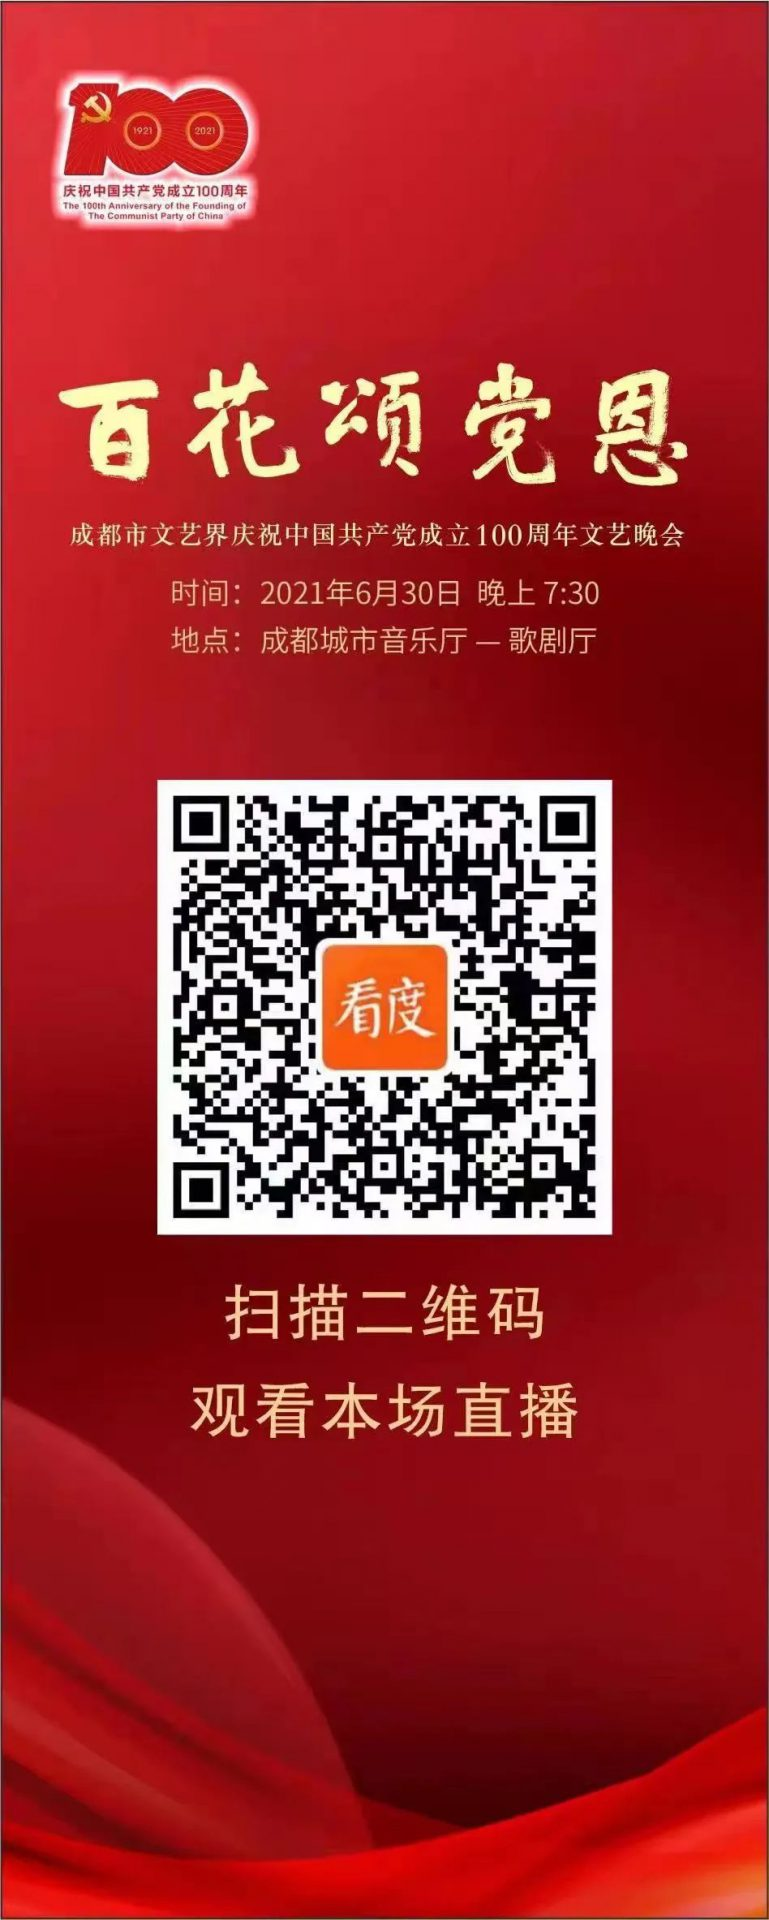 预告丨成都文艺界庆祝建党100周年文艺晚会明晚开演